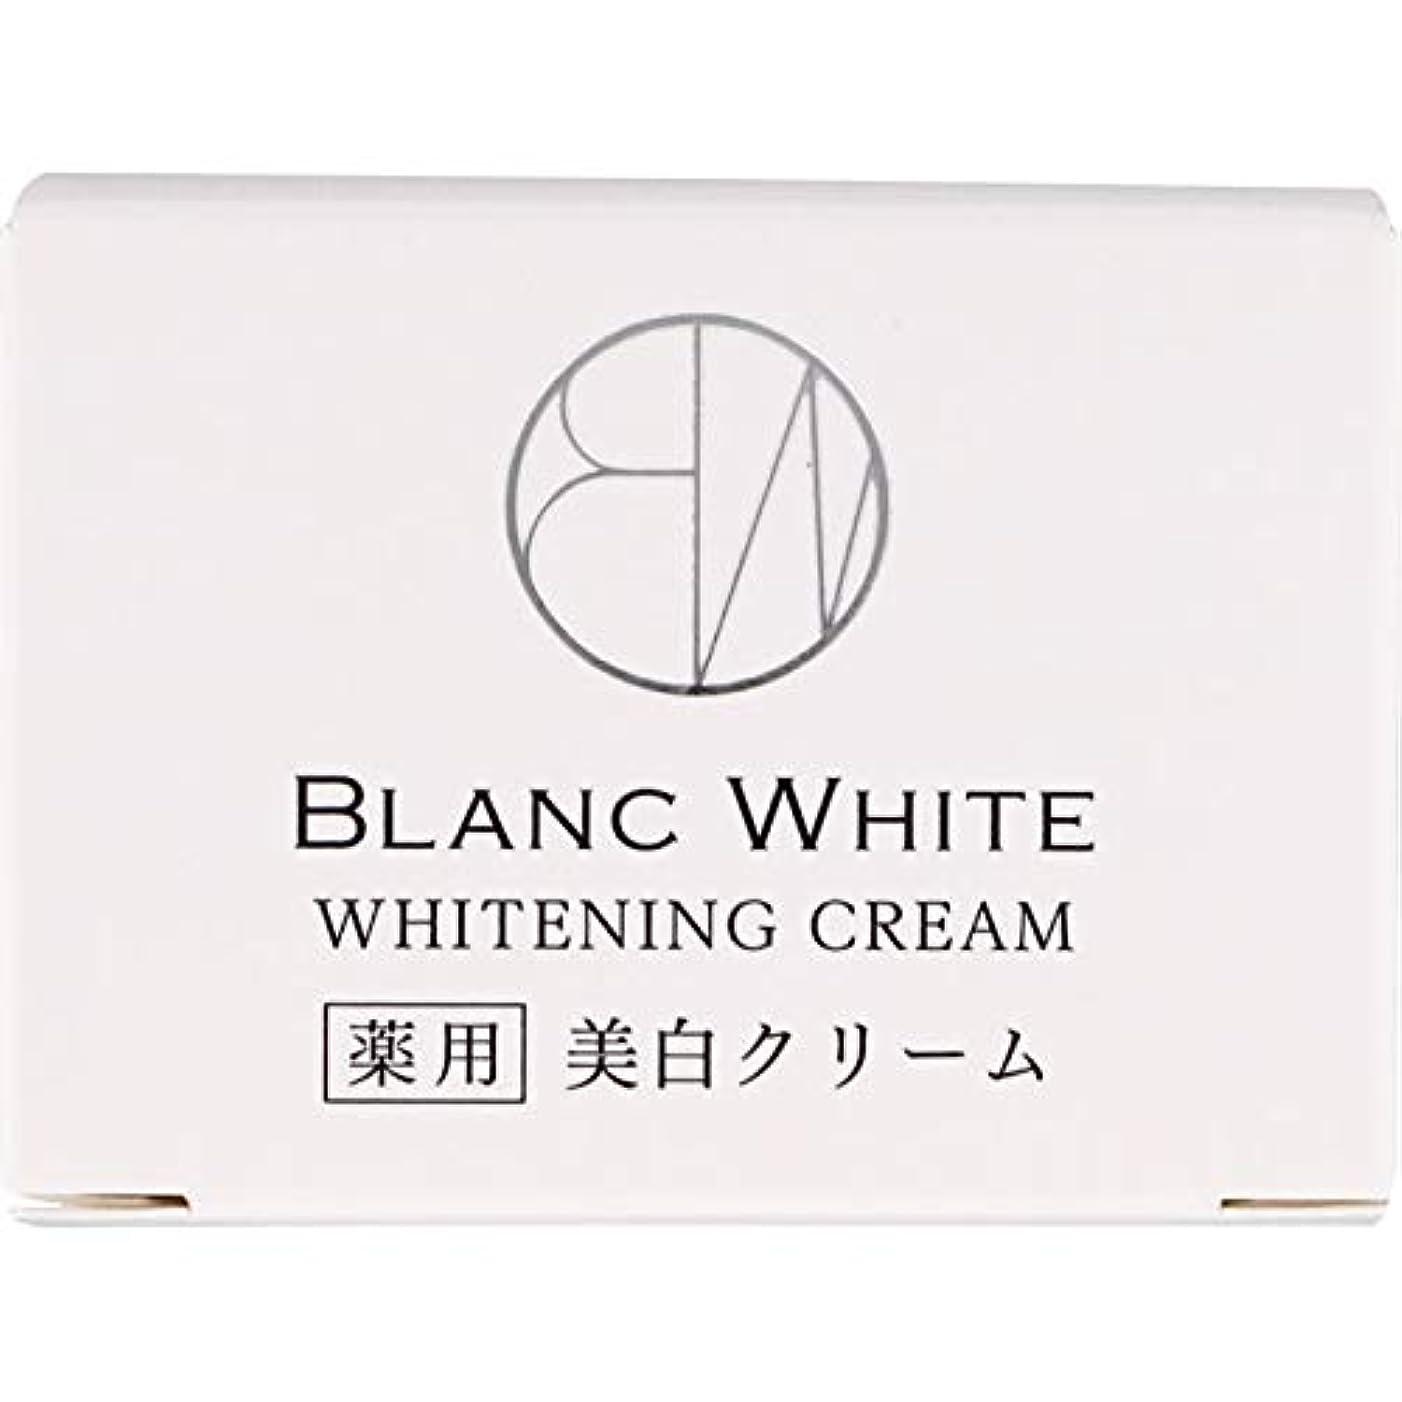 誇大妄想固体カウンターパートブランホワイト ホワイトニング クリーム 45g